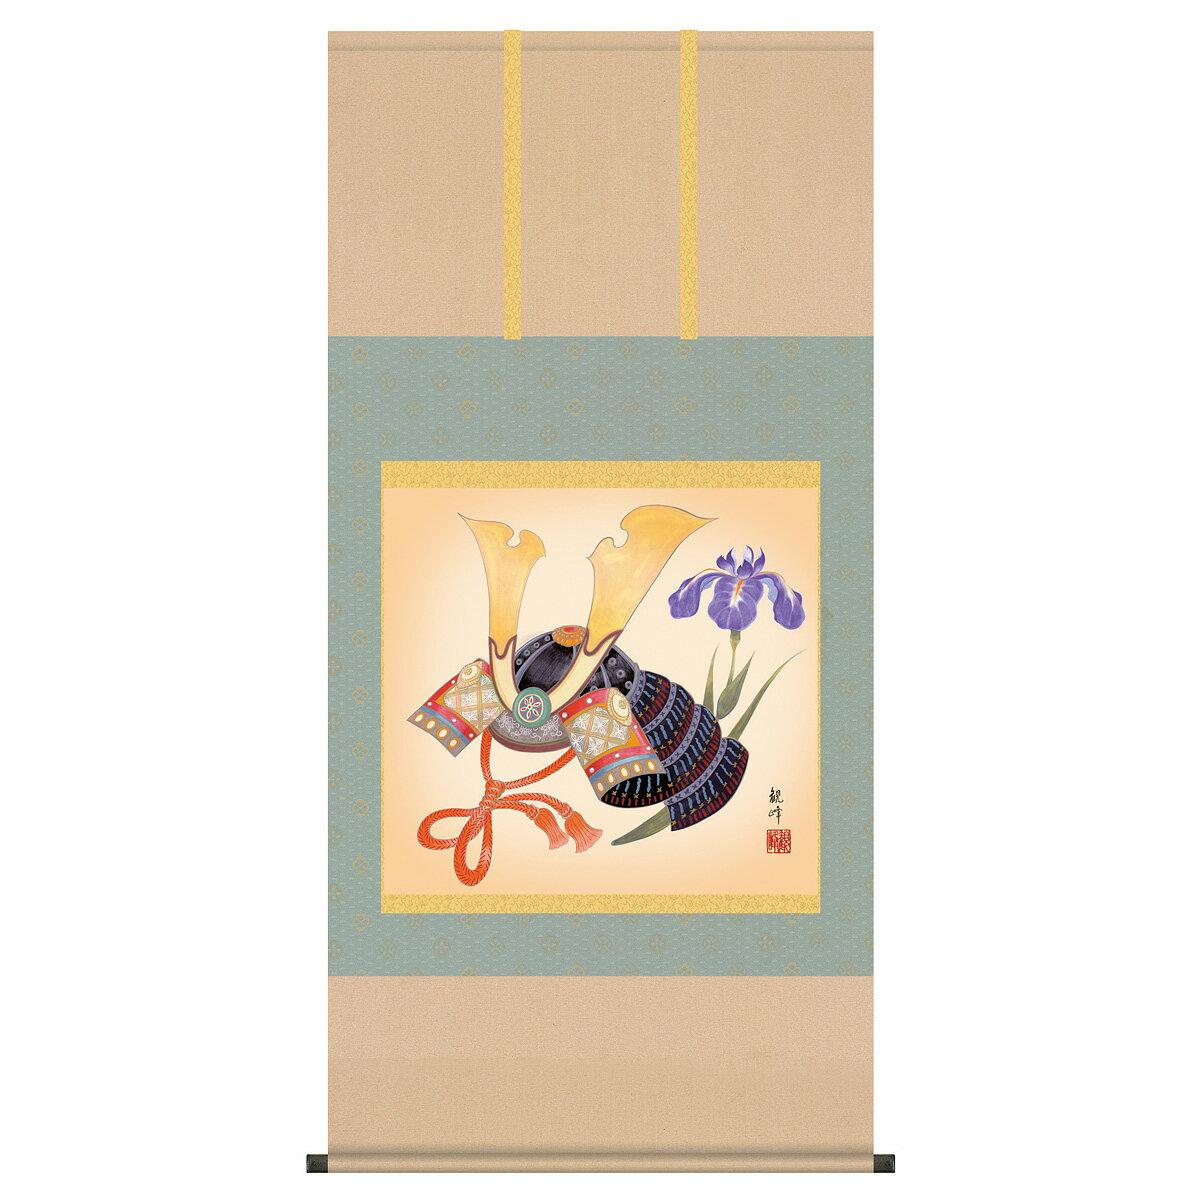 端午の節句 正月 掛け軸 掛軸 「山村観峰(三美会)作 兜」 ●正月飾り 端午の節句